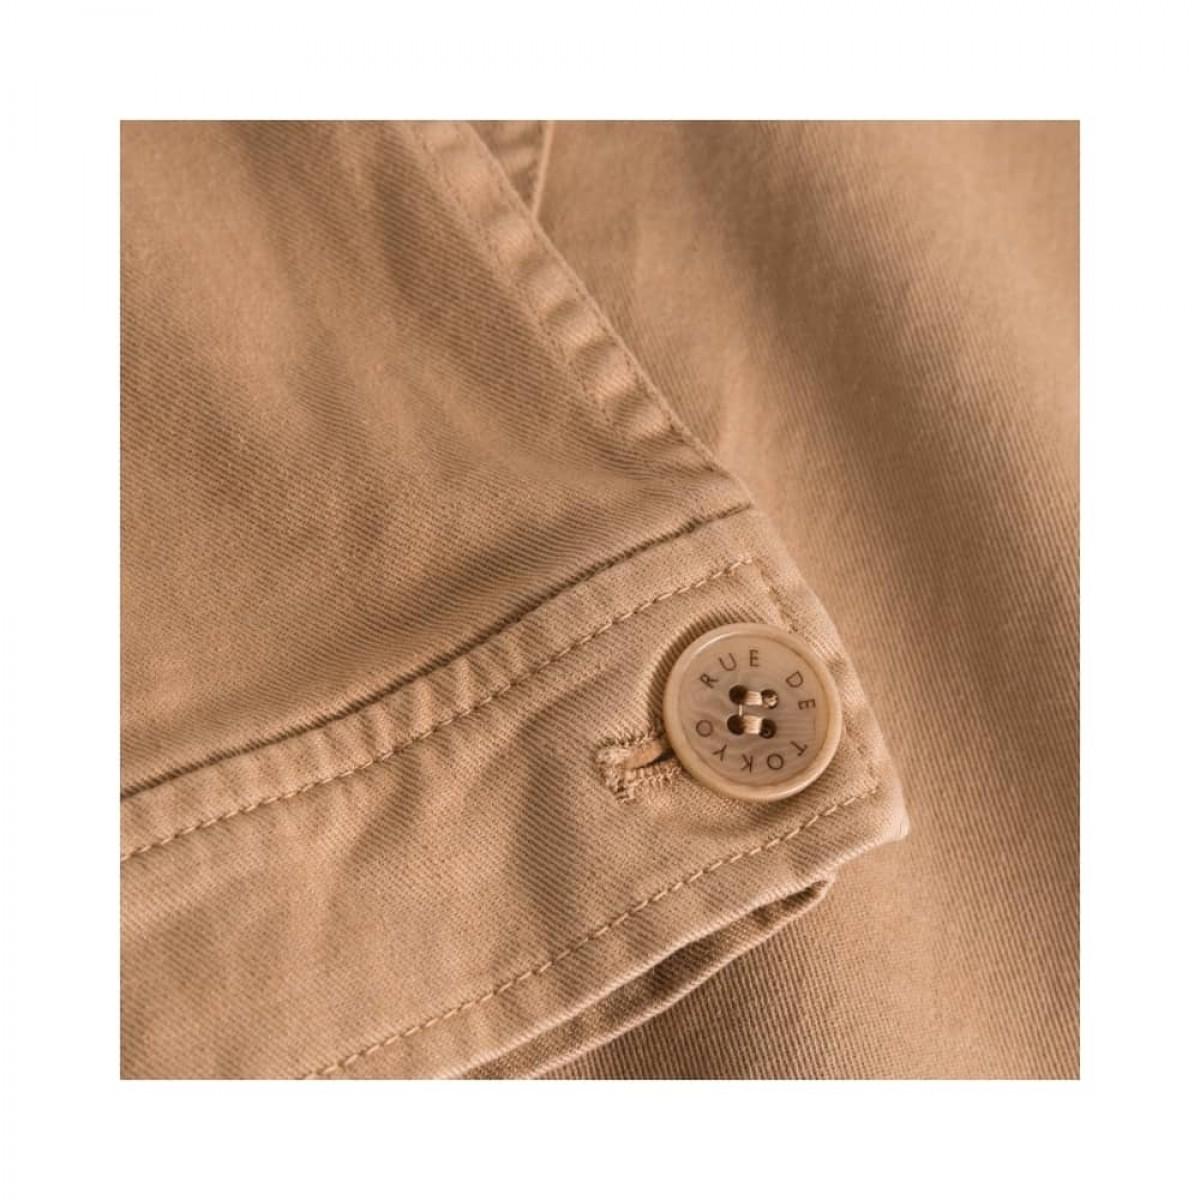 cady workwear jakke - light brown - ærme detalje